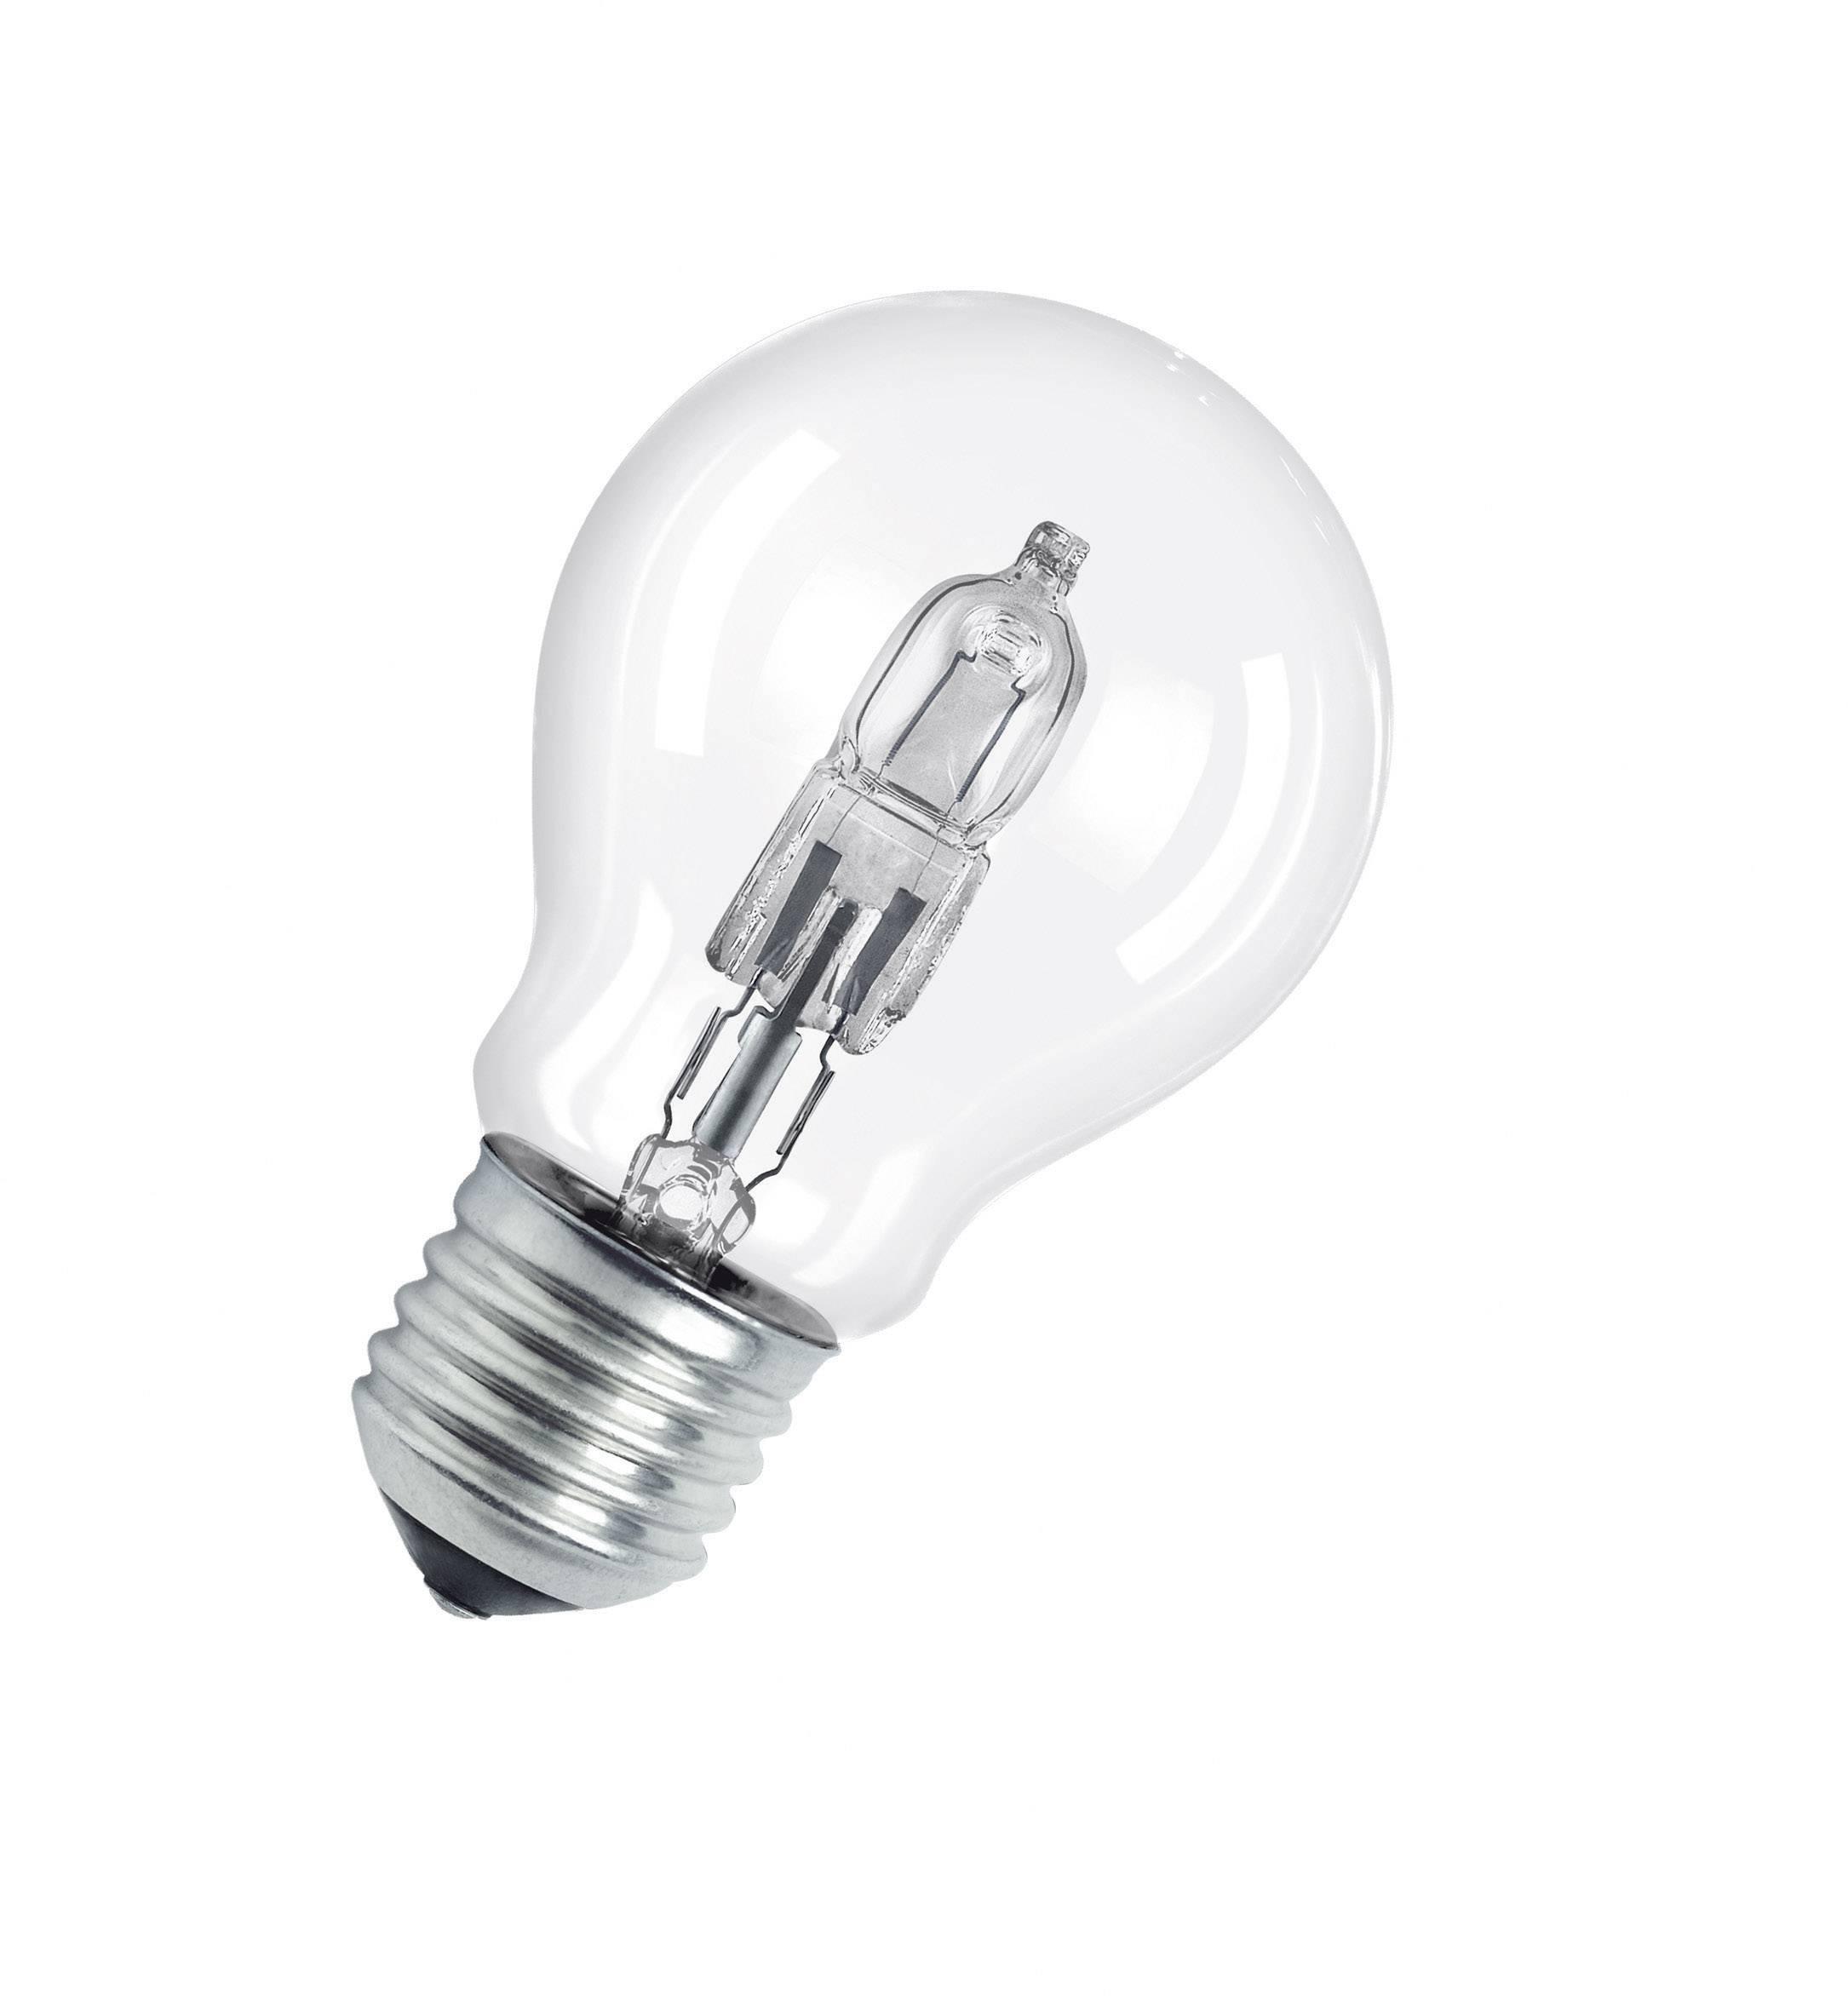 ECO halogénová žiarovka OSRAM 230 V, E27, 77 W, en.trieda: D, teplá biela, 1 ks